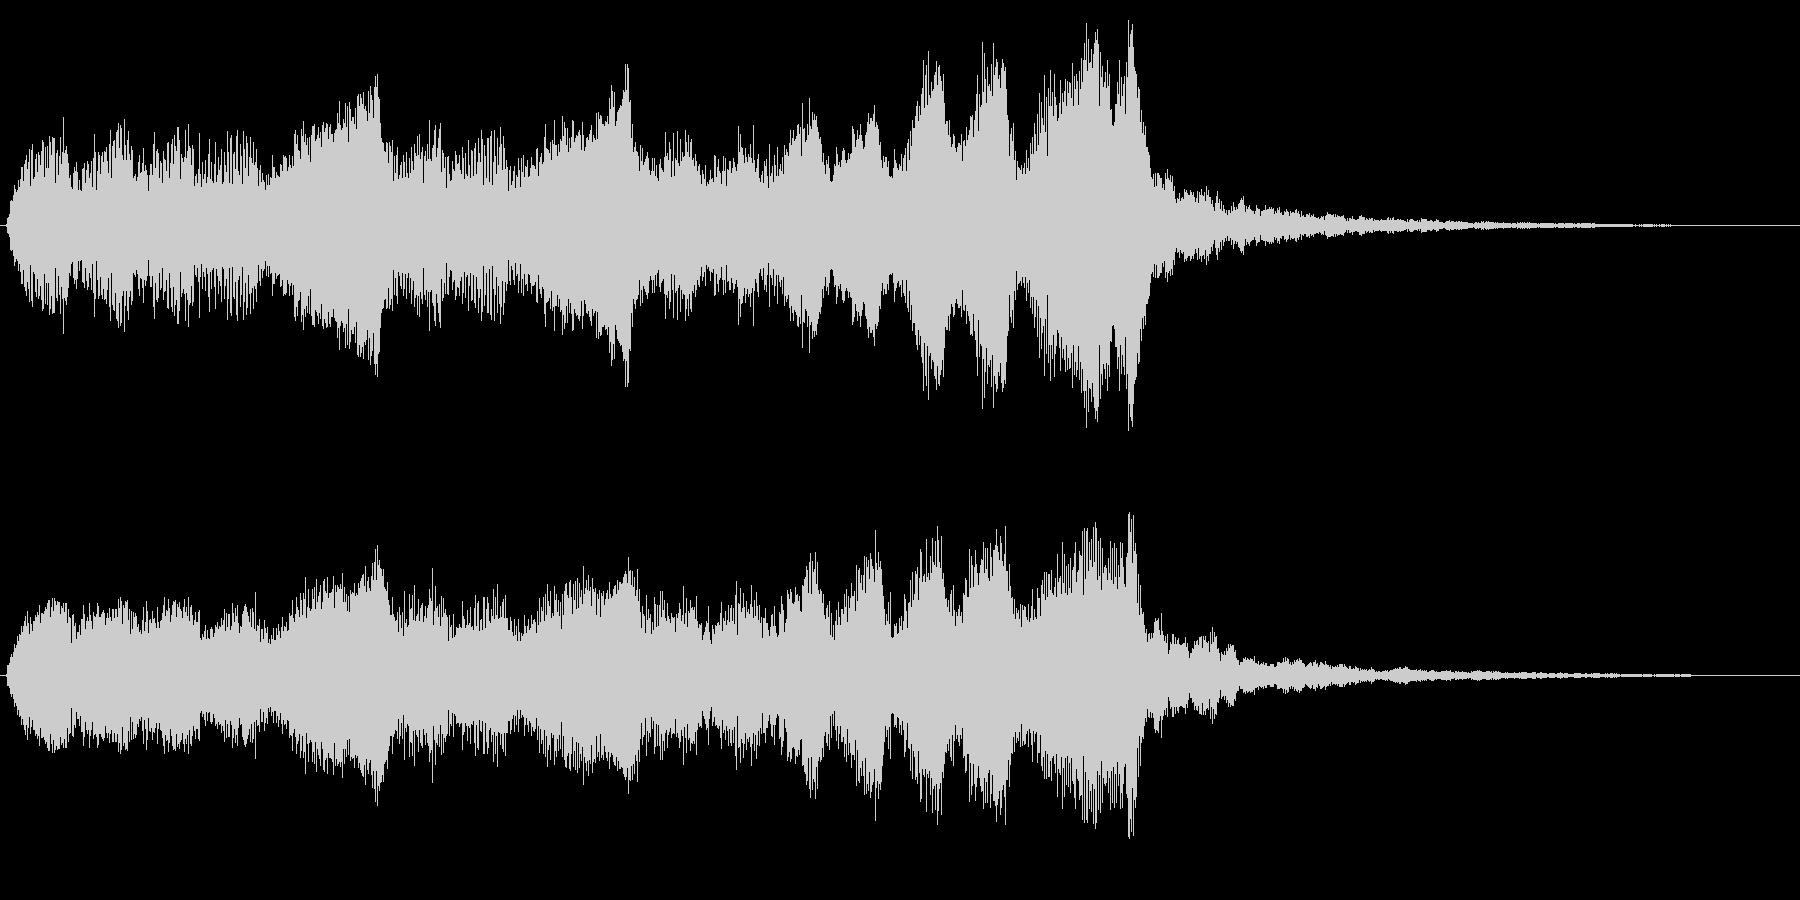 バイオリンの悲しいゲームオーバーフレーズの未再生の波形